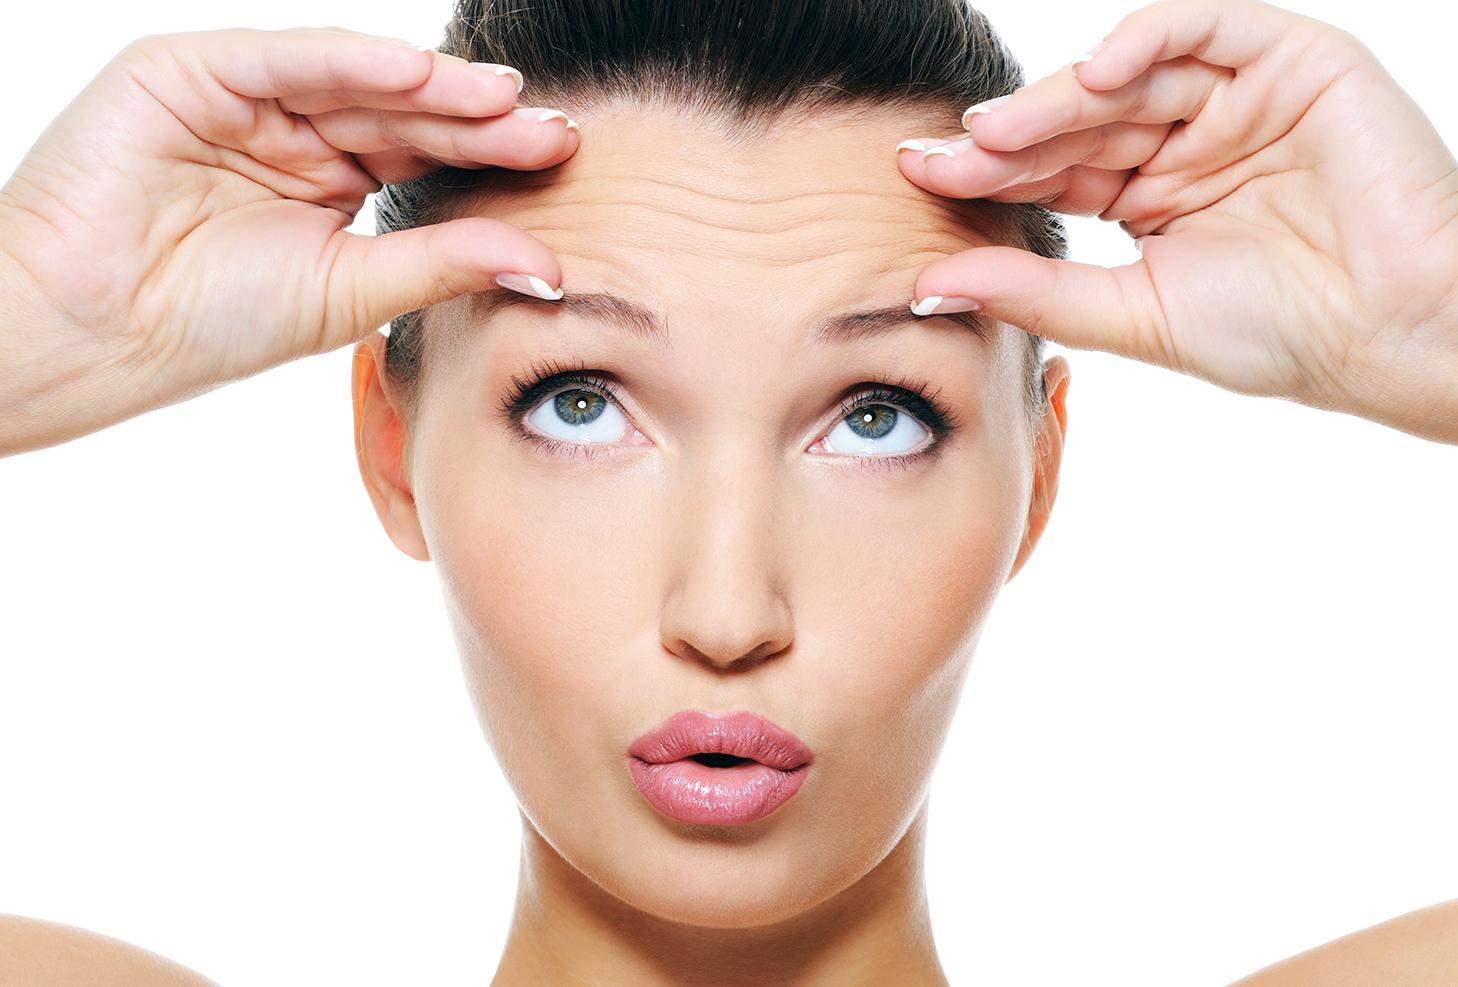 Американский дерматолог назвал 12 советов против морщин